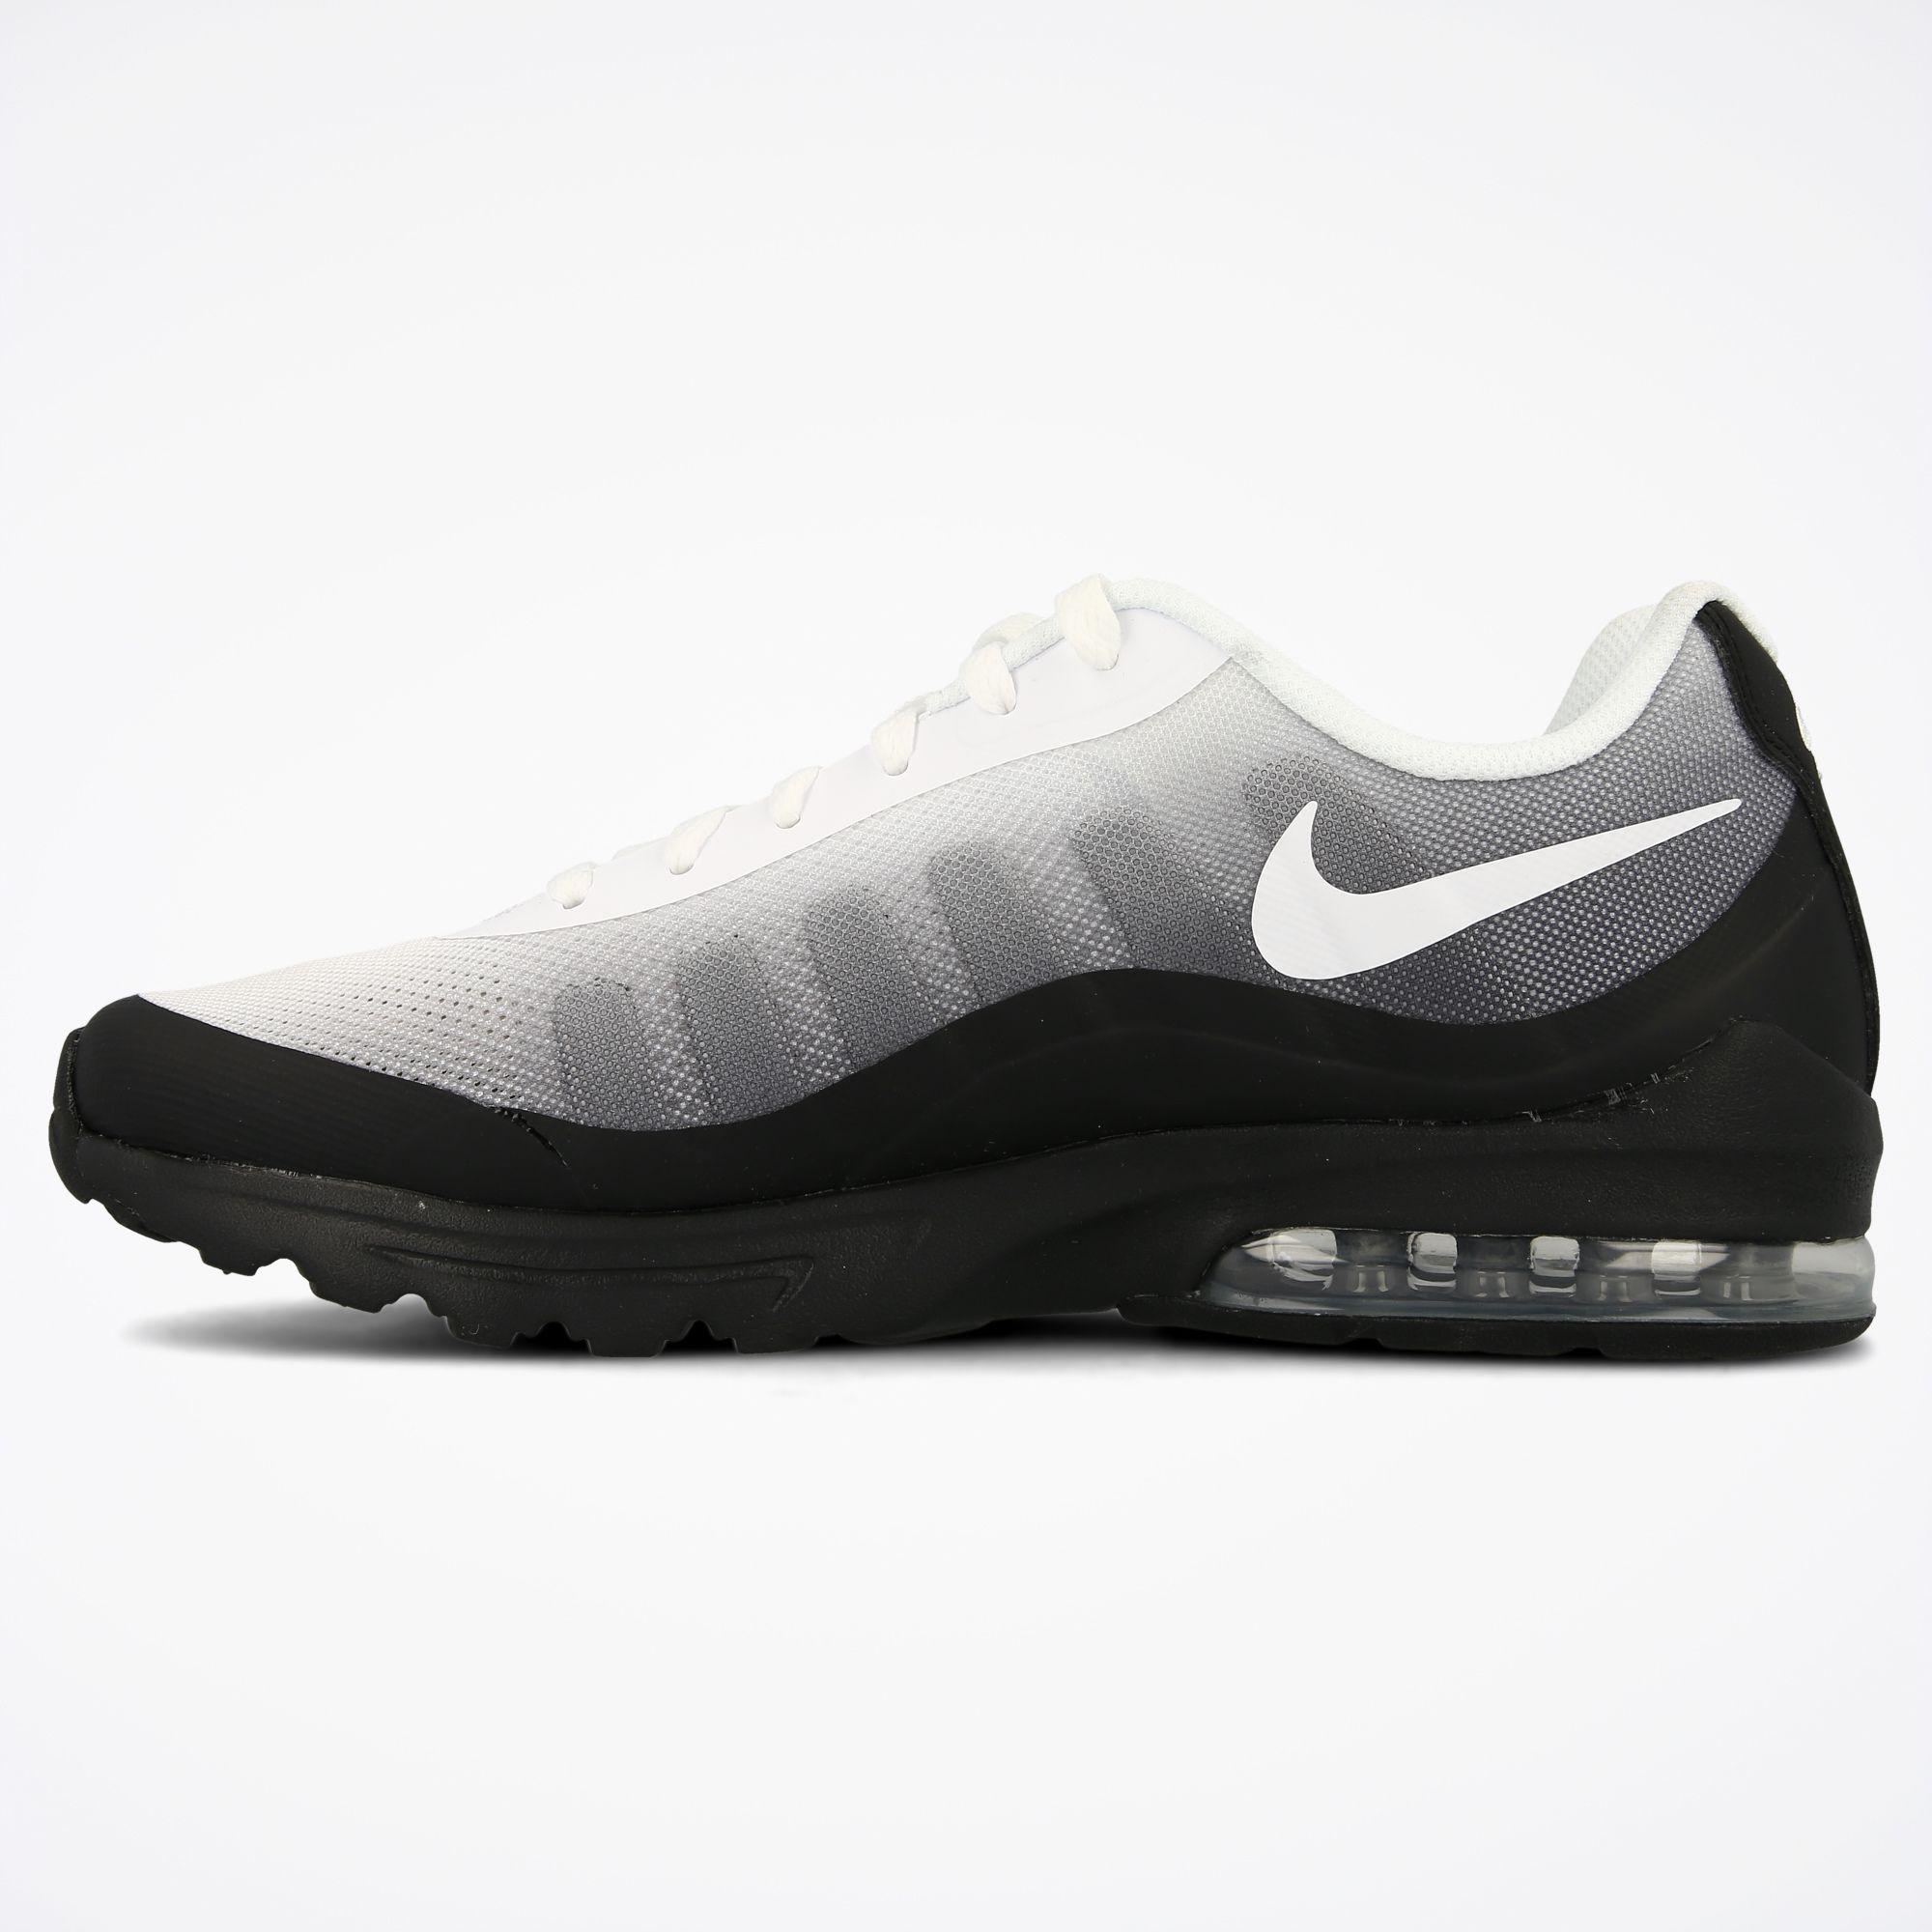 Nike Air Max Zenske Planeta